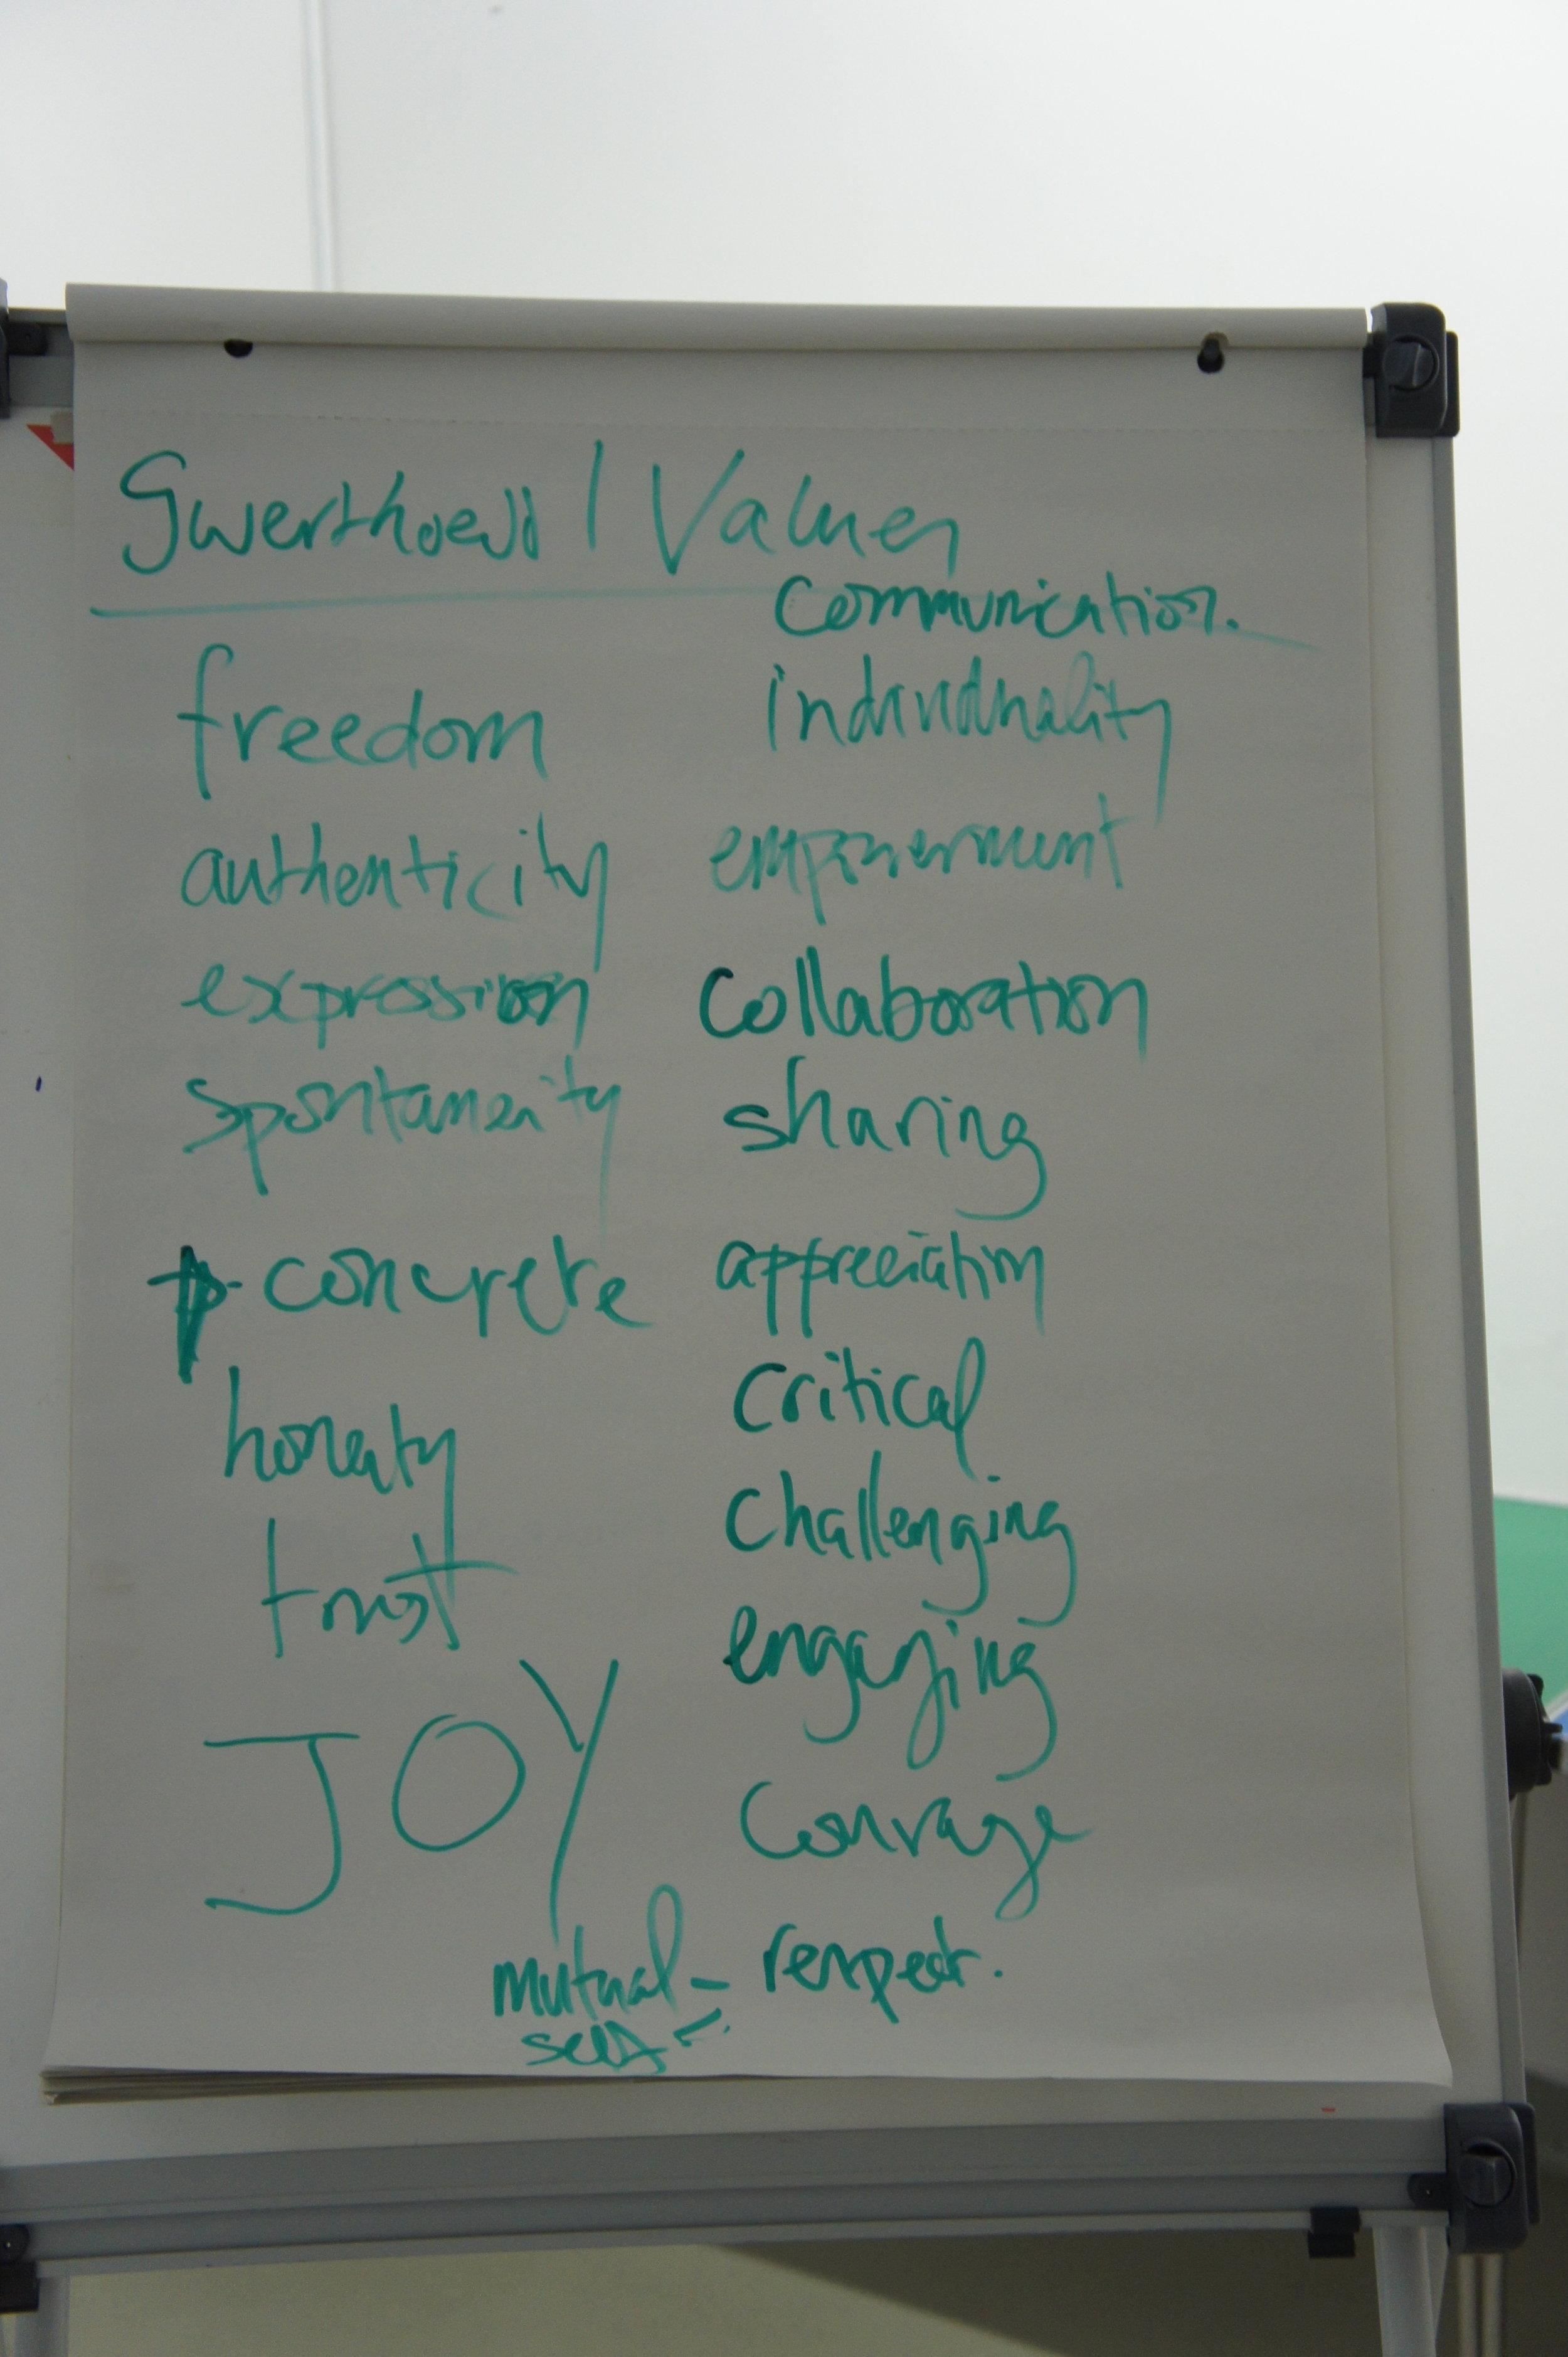 Michael Harvey - creativity in the classroom, values